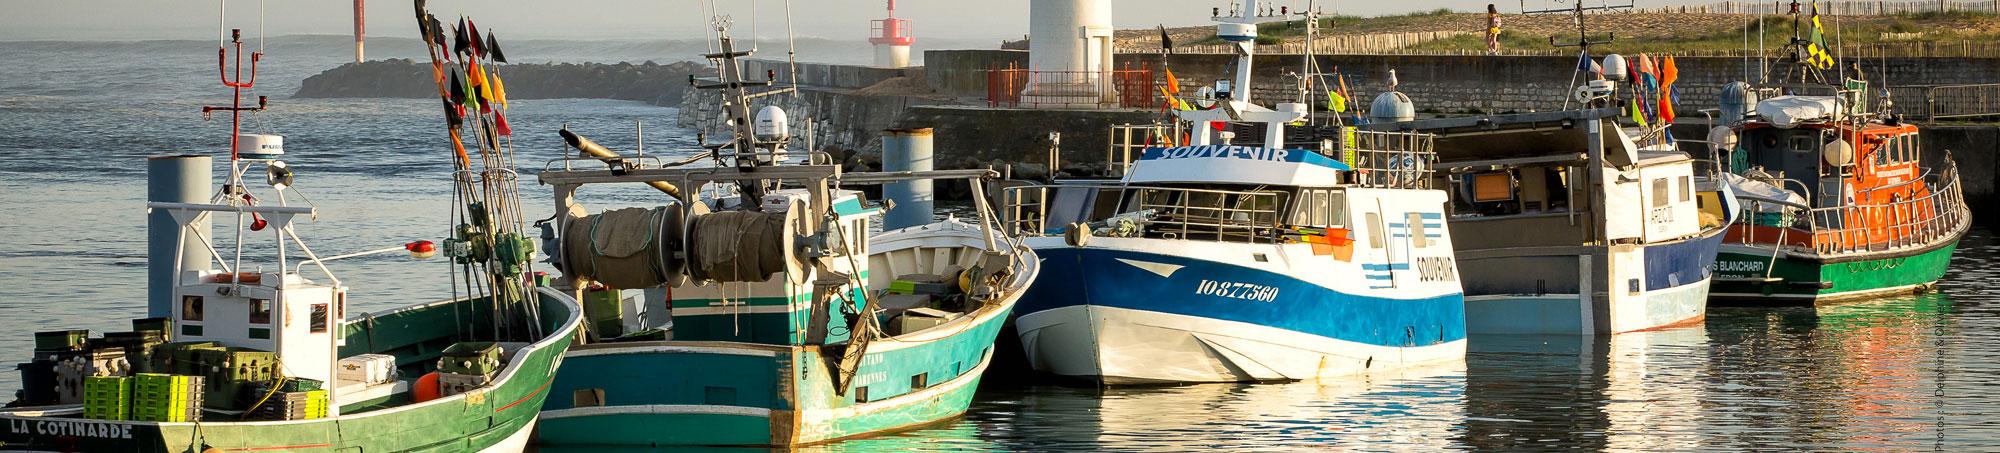 Les Pêcheries de la Cotinière, le port, île d'Oléron